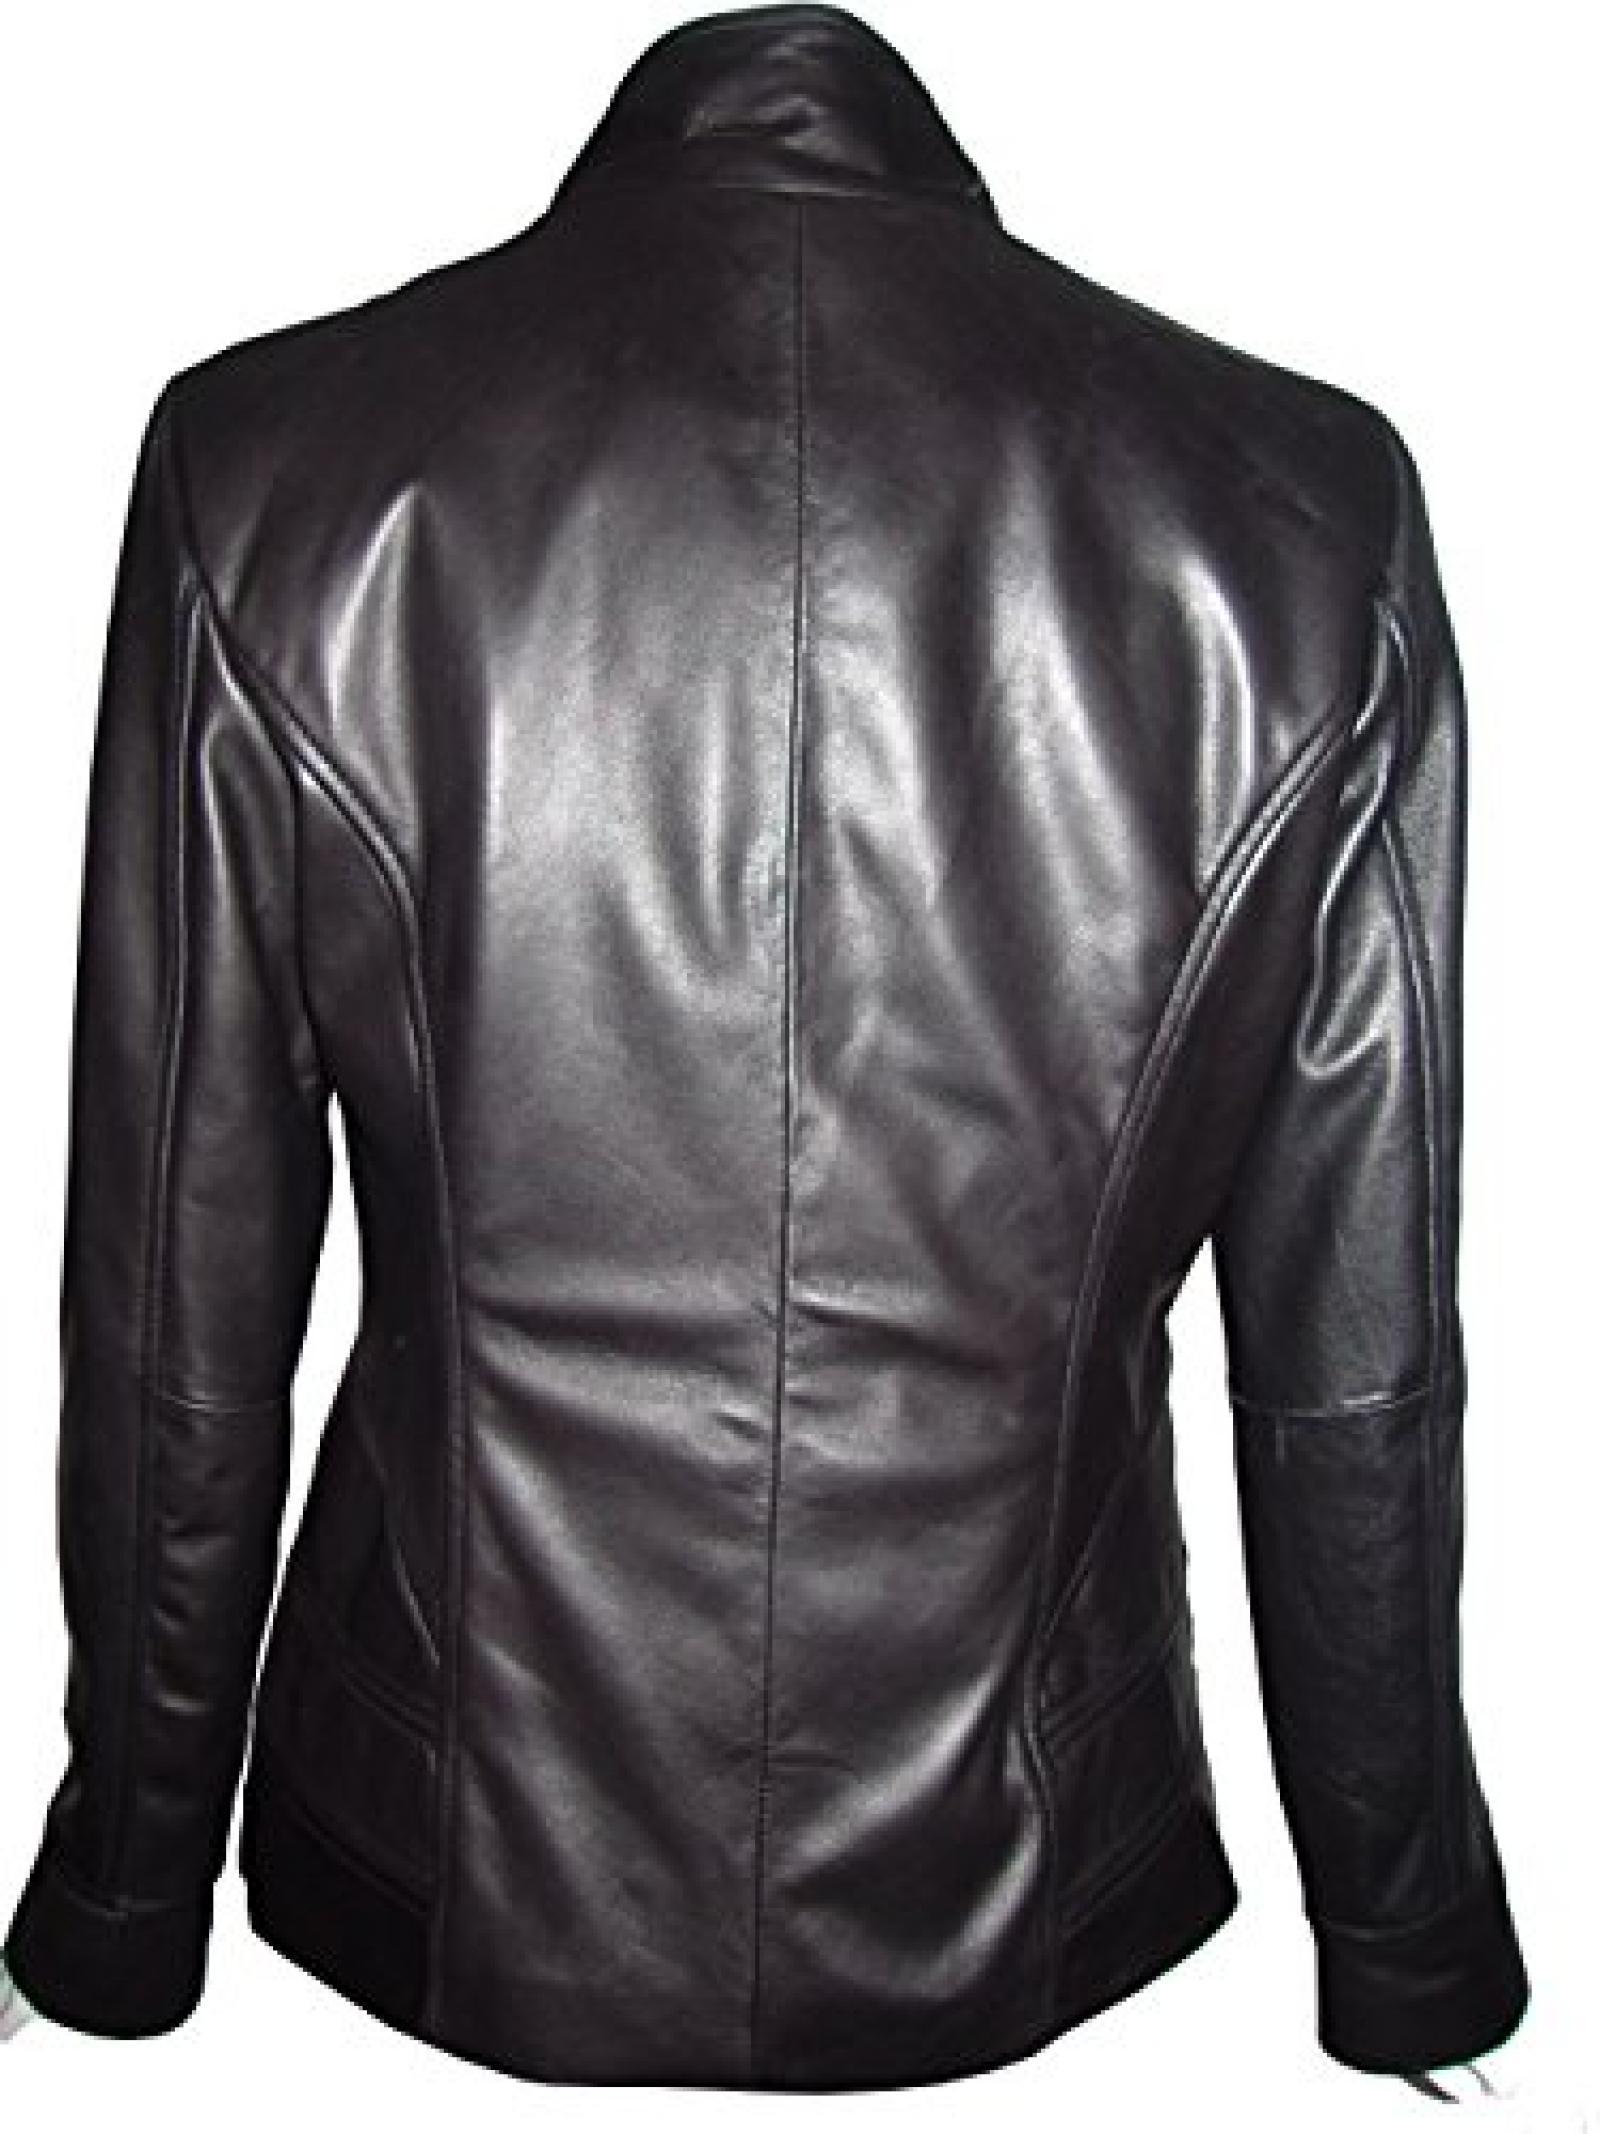 Nettailor Women PLUS SIZE 4194 Soft Leather Casual Jacket Flap Chest Pocket